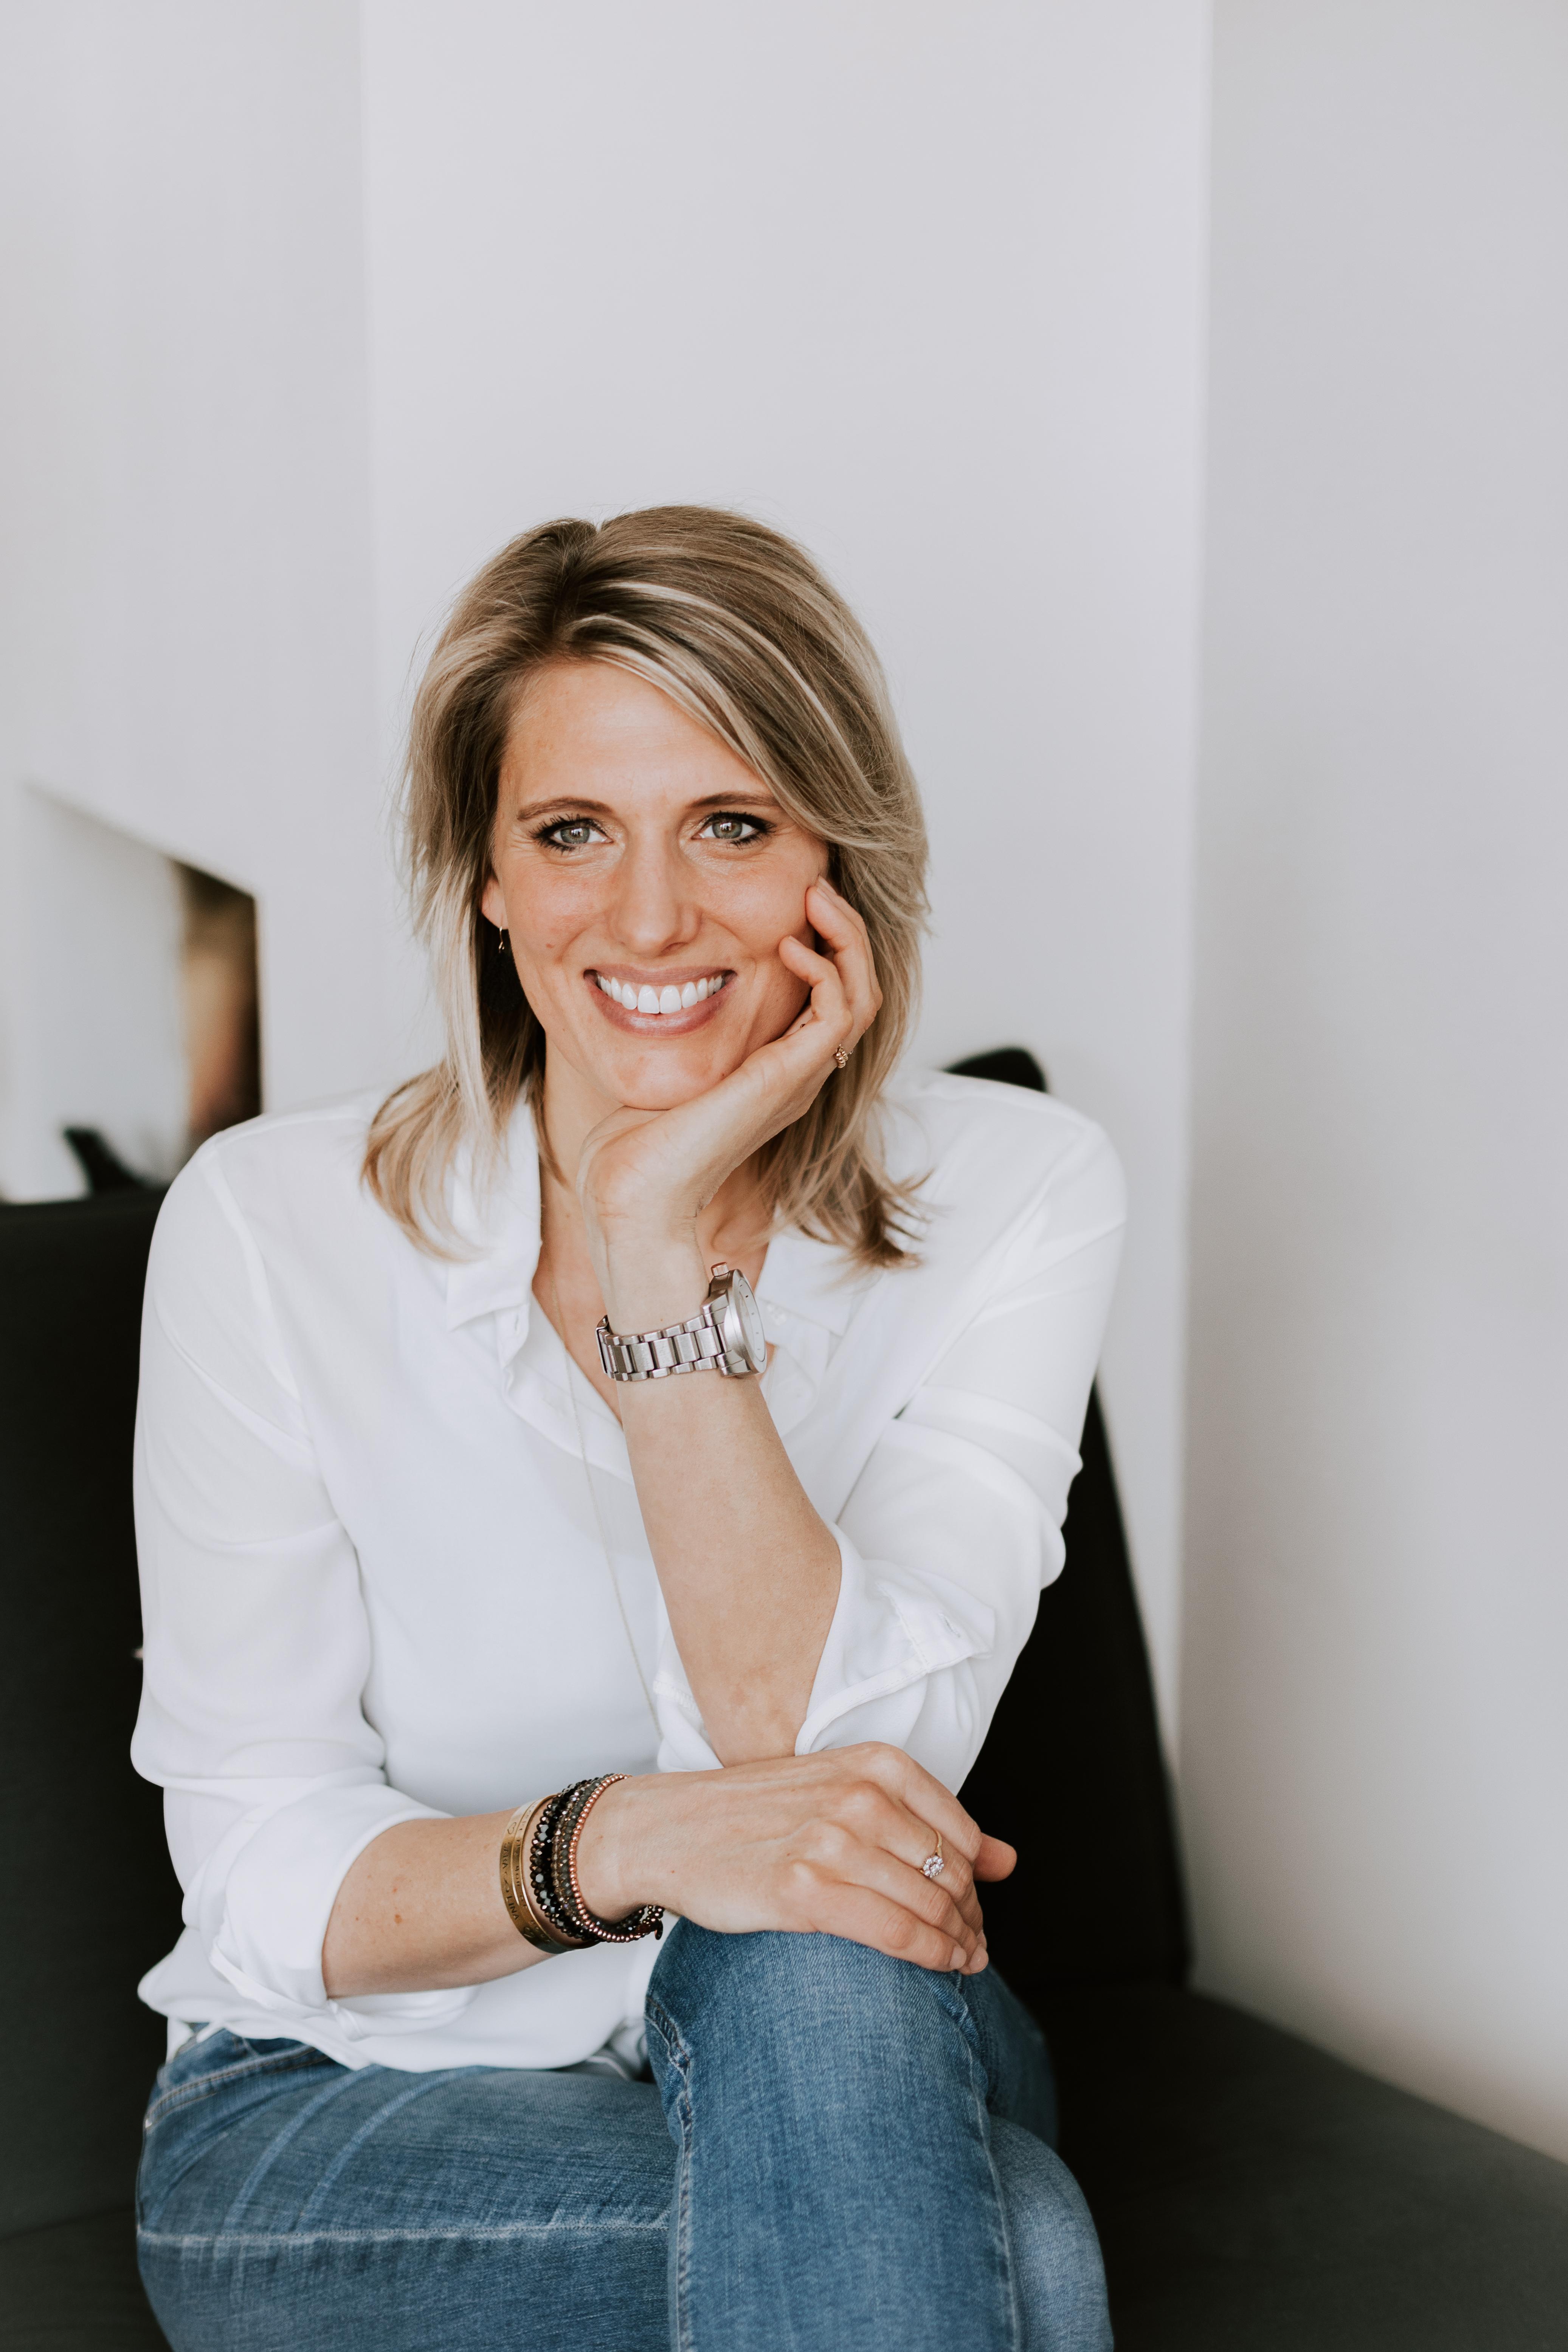 Nathalie Wethmar coach ambitieuze vrouwen vrouwelijke ondernemers rust focus balans succes